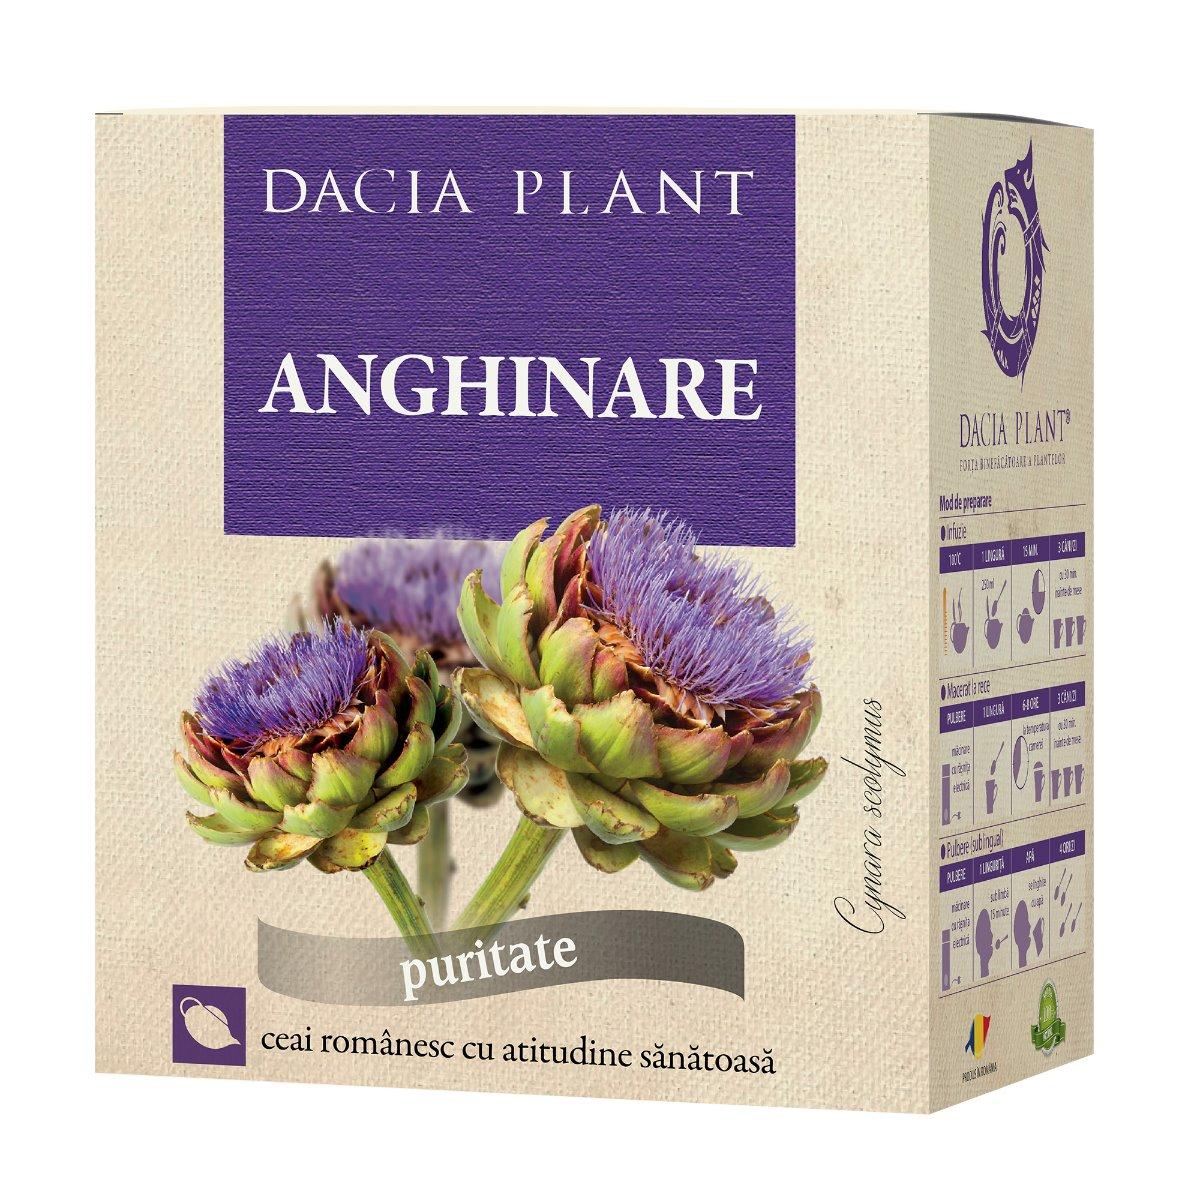 Ceai de Anghinare, 50g, Dacia Plant imagine produs 2021